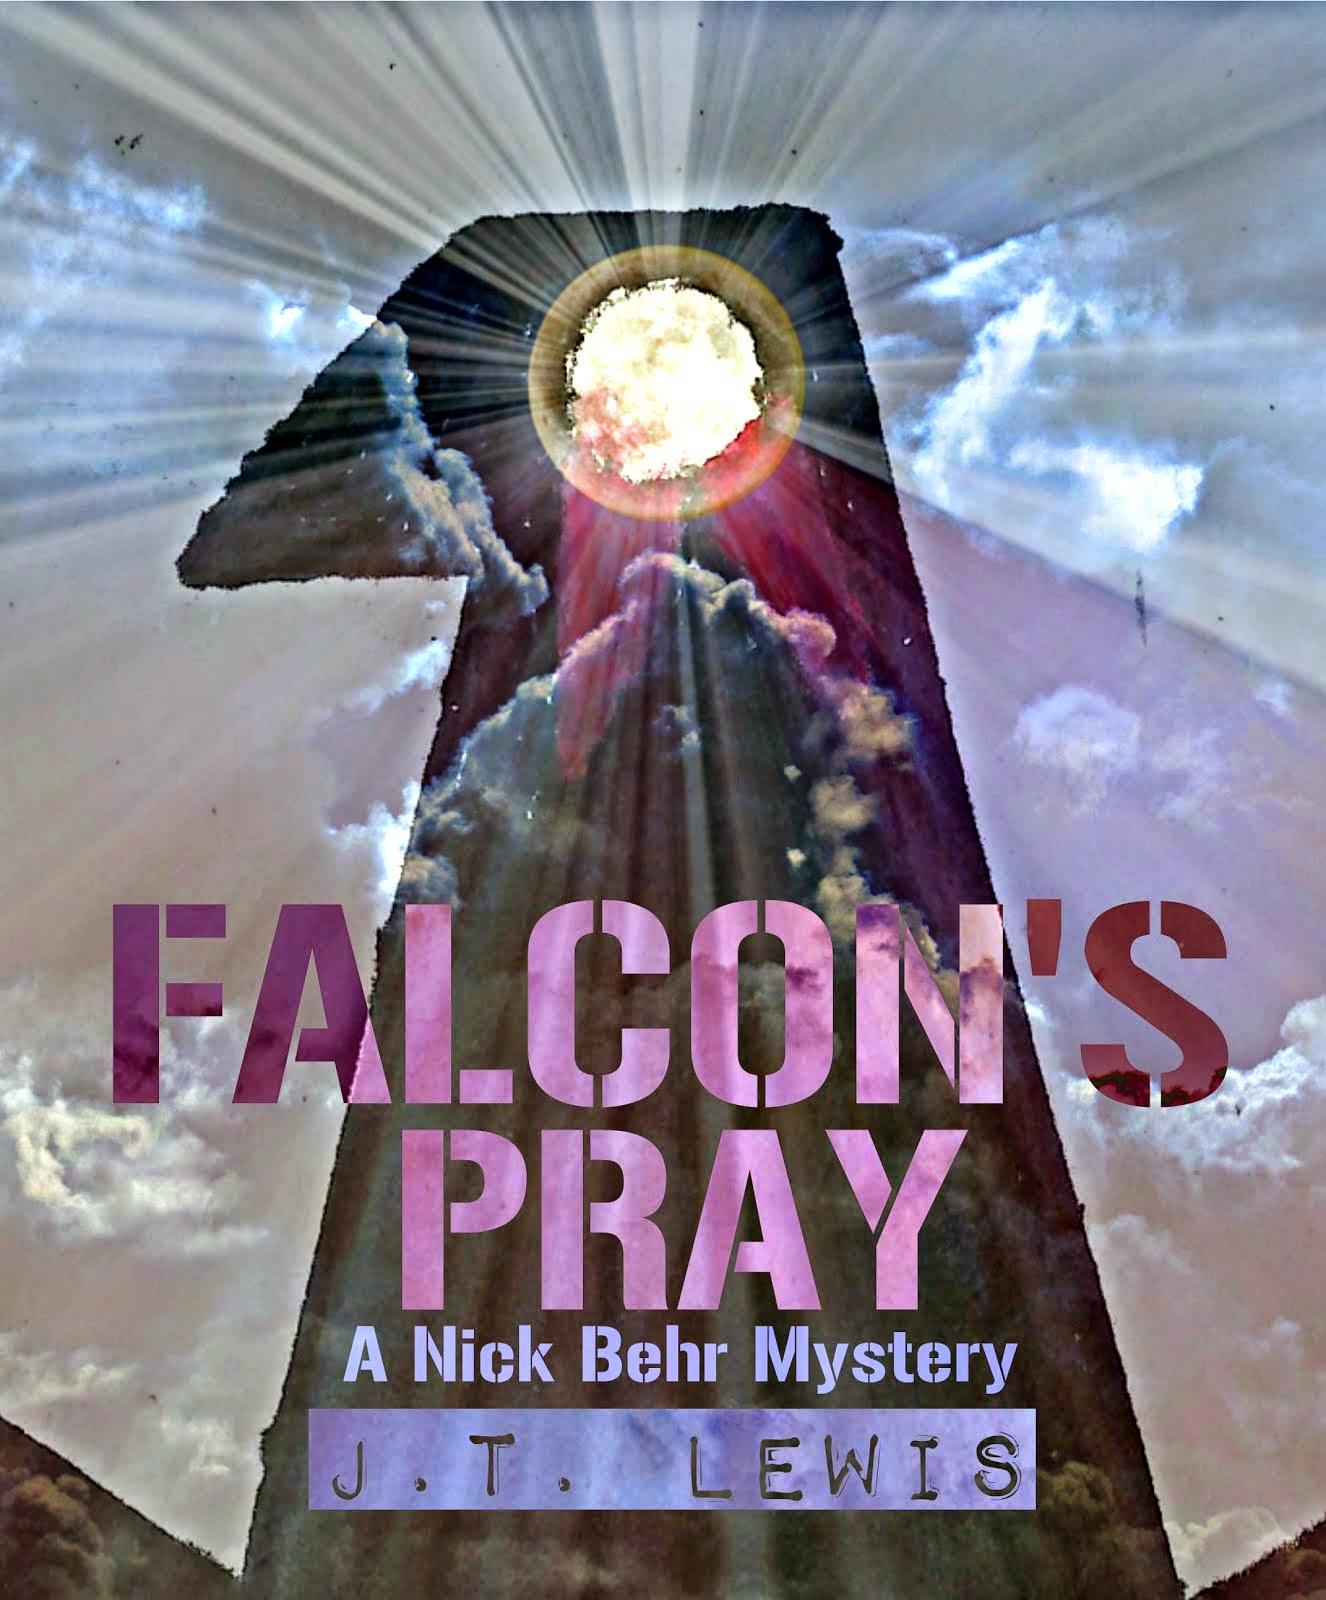 Falcon's Pray